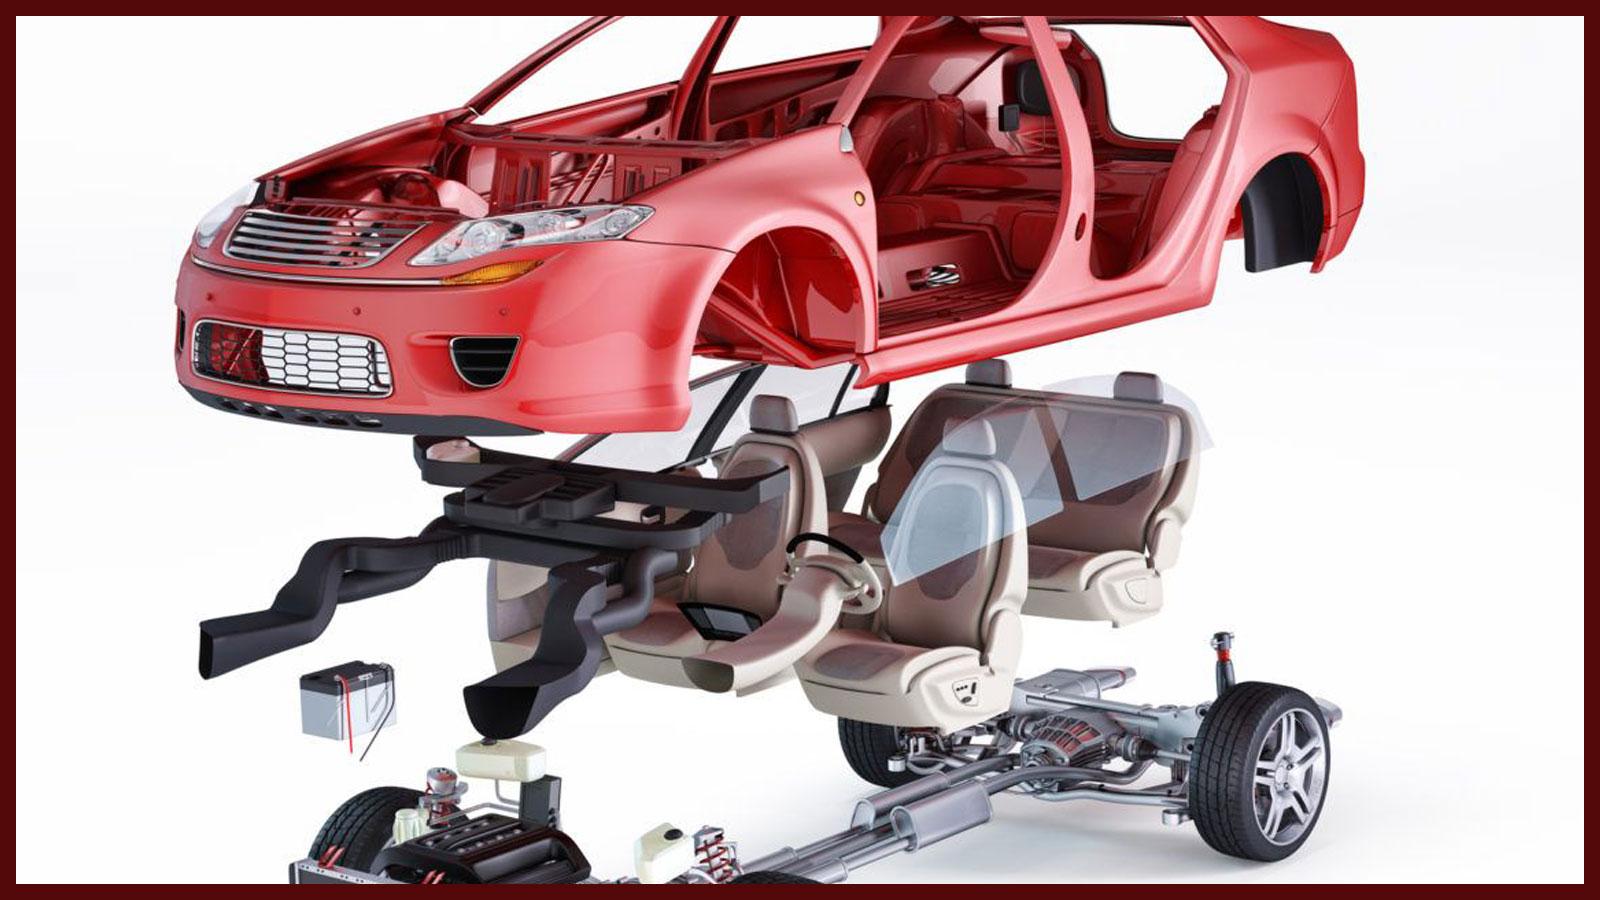 Μεταχειρισμένα ανταλλακτικά θα βρείτε για όλα τα μέρη του αυτοκινήτου. Μηχανικά, ηλεκτρονικά, ηλεκτρολογικά, πλαστικά, εξαρτήματα φανοποιίας, εξαρτήματα του κινητήρα και ου τω καθεξής